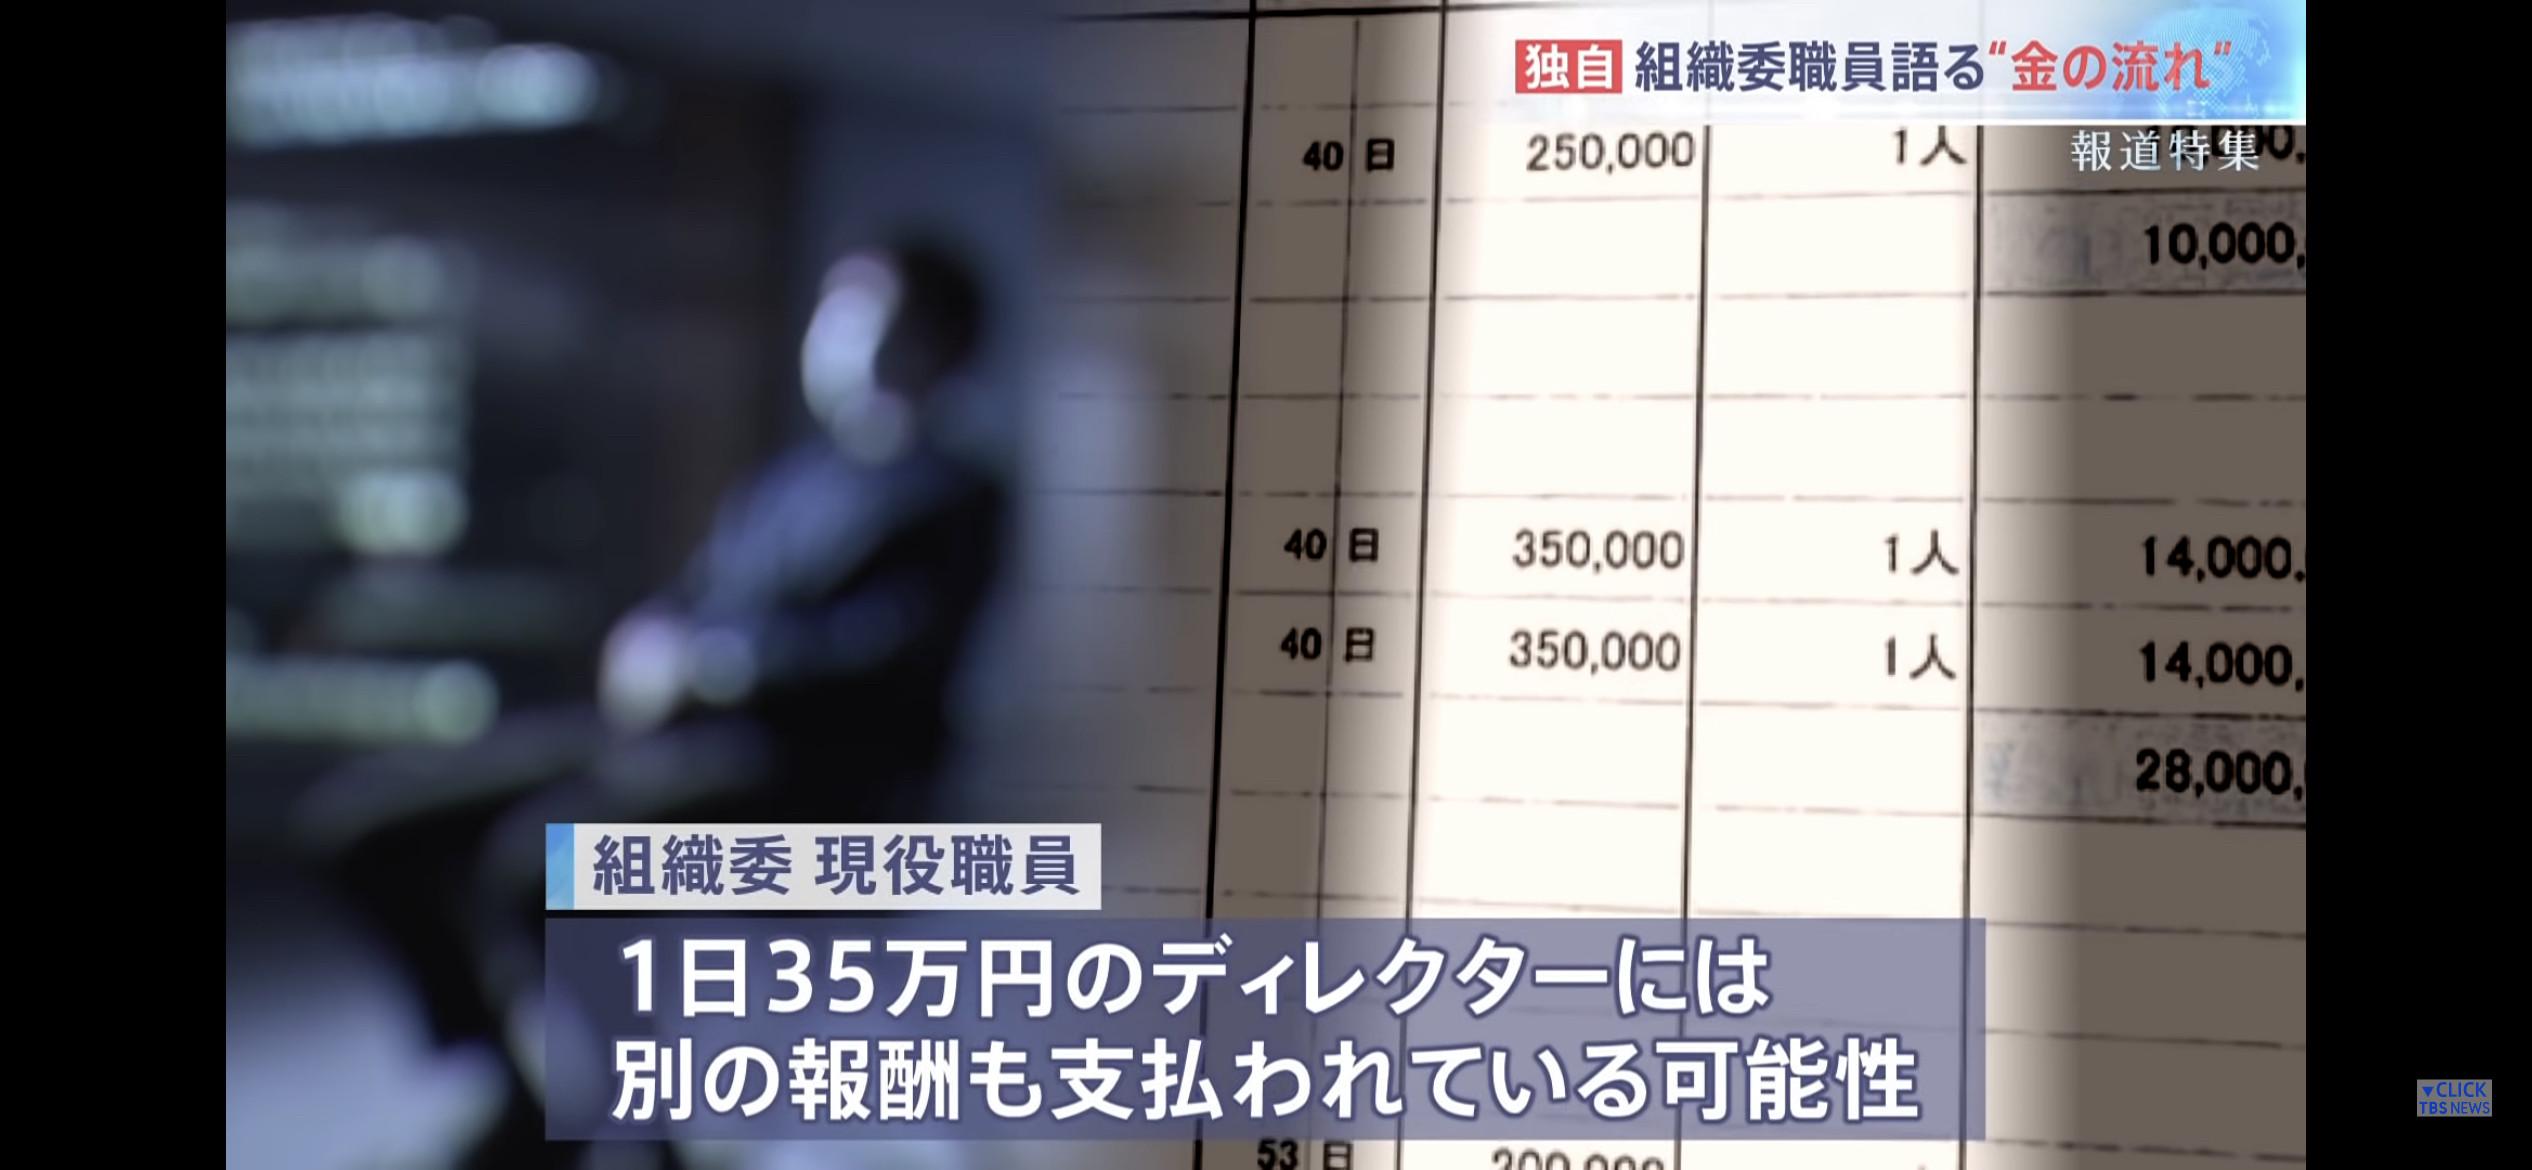 【経済】電通グループの今期、1075億円の最終黒字に転換 上場来最高益見込む